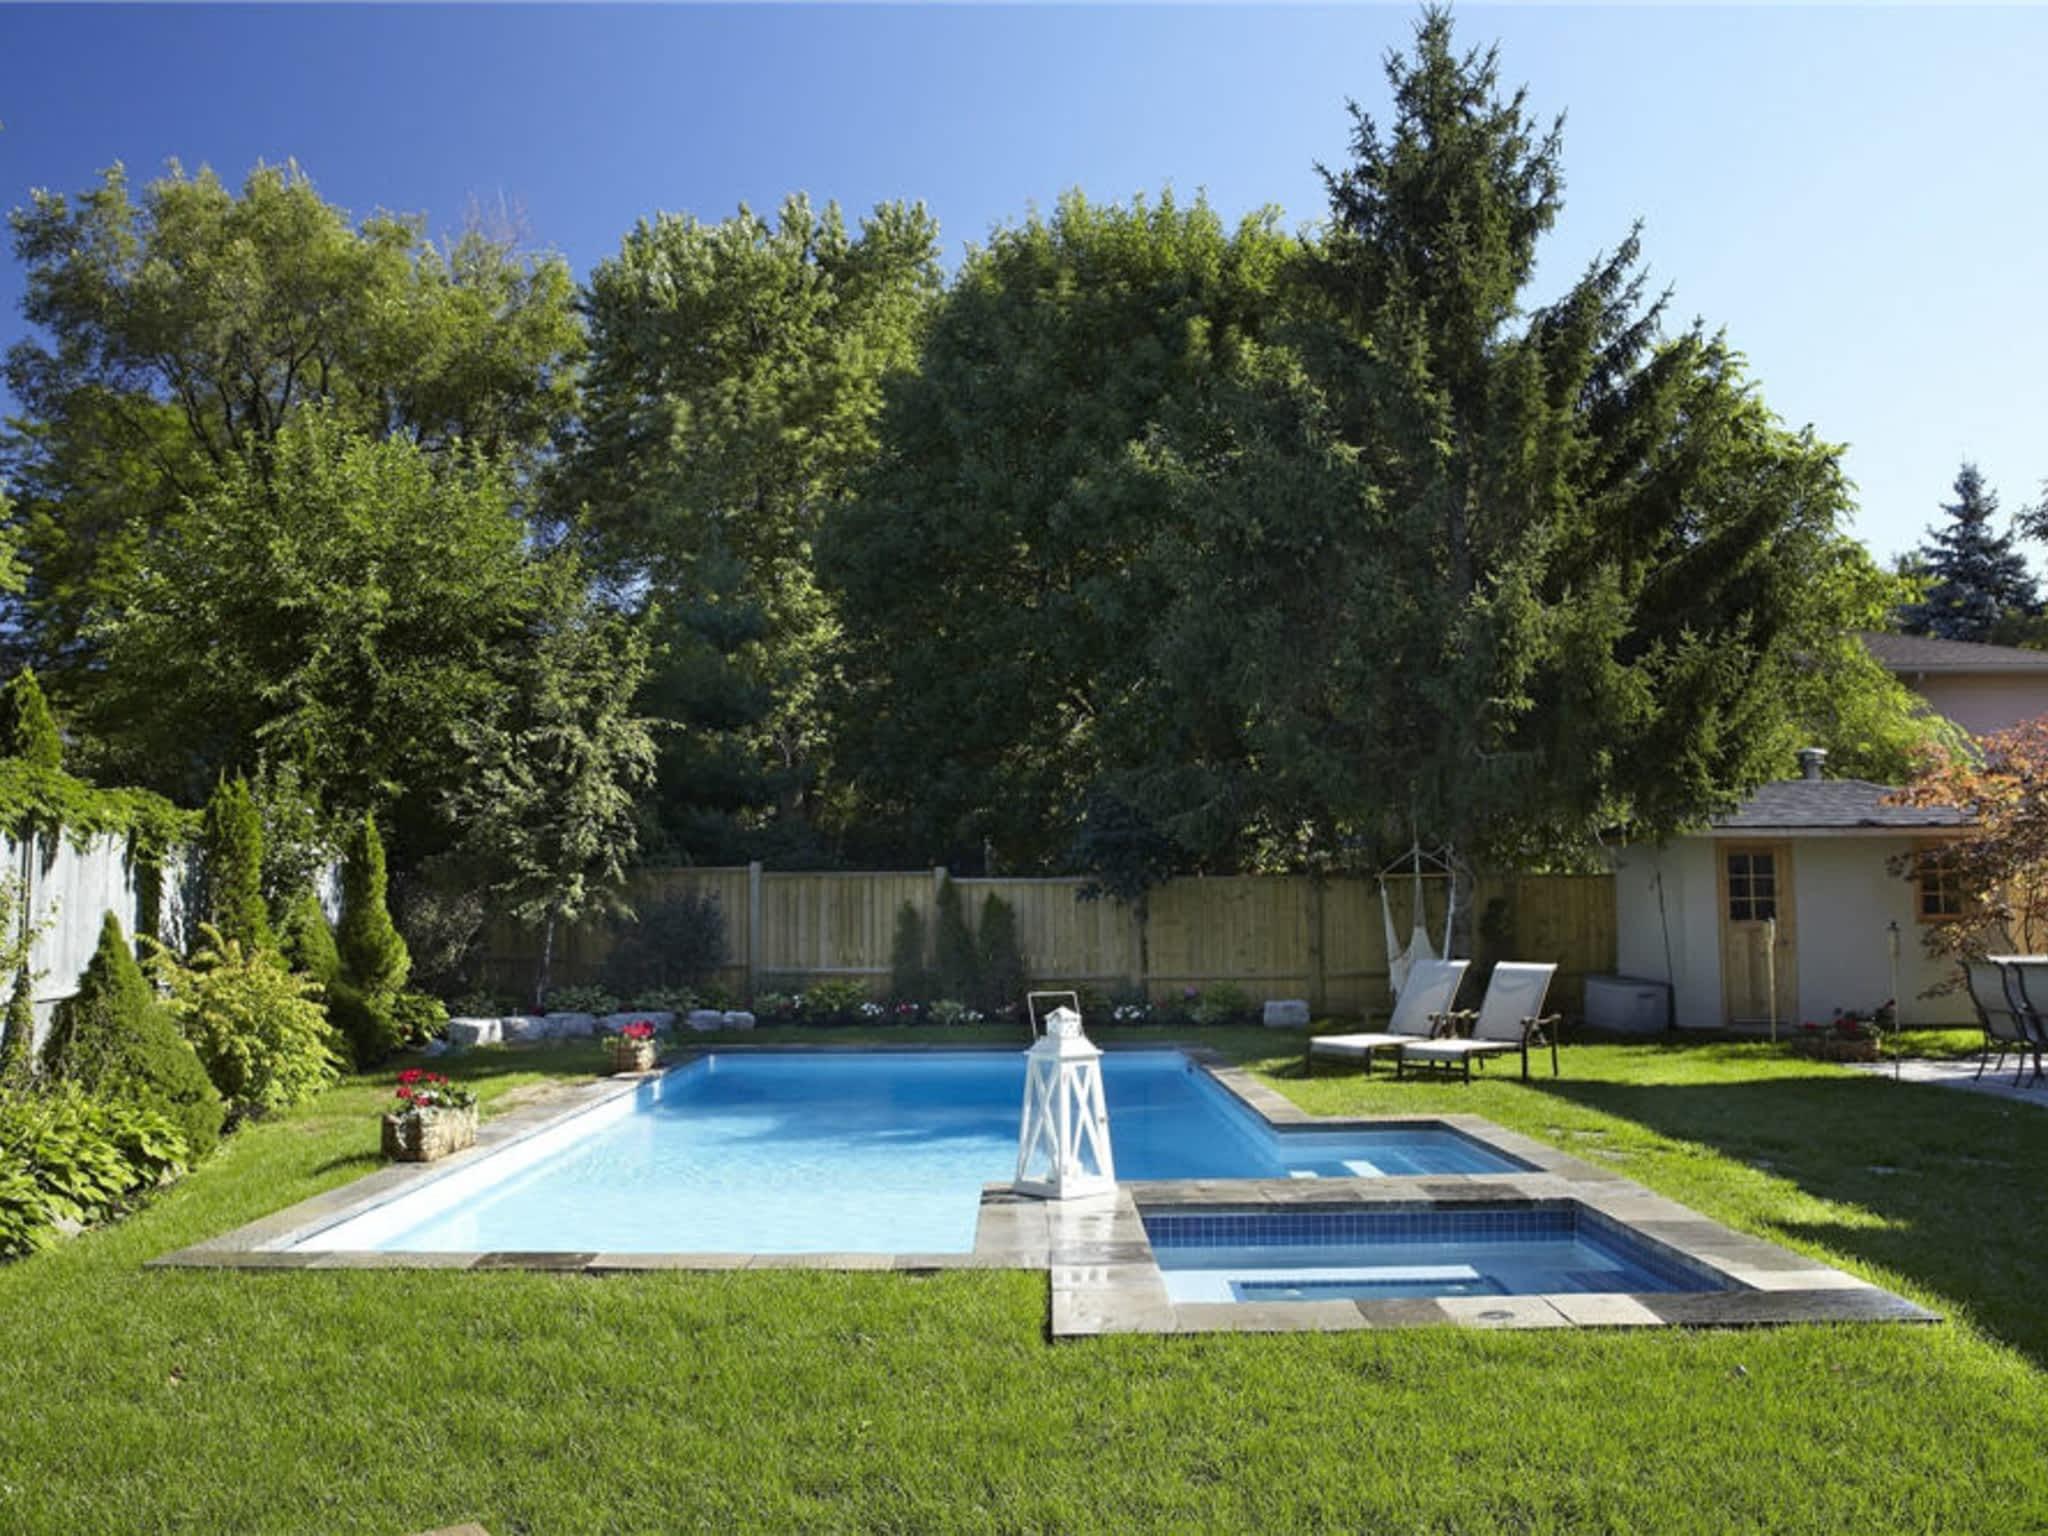 photo Solda Pools Ltd